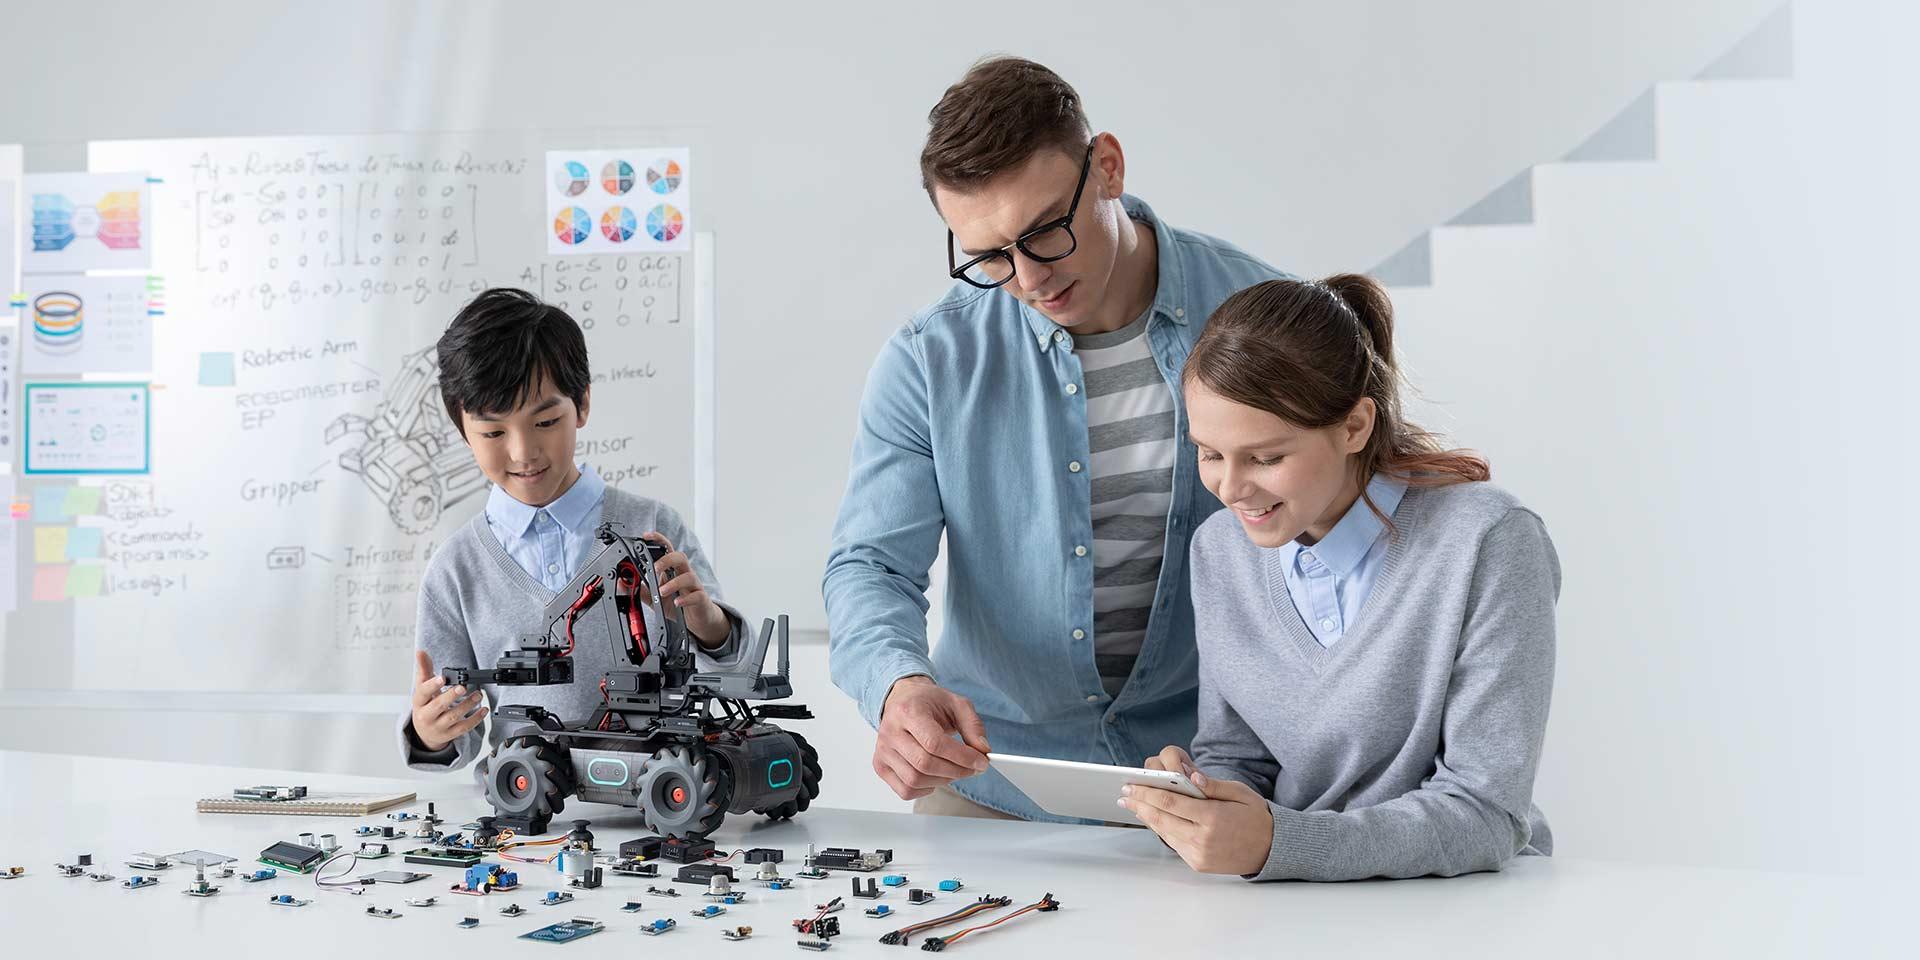 DJI Education Produkte